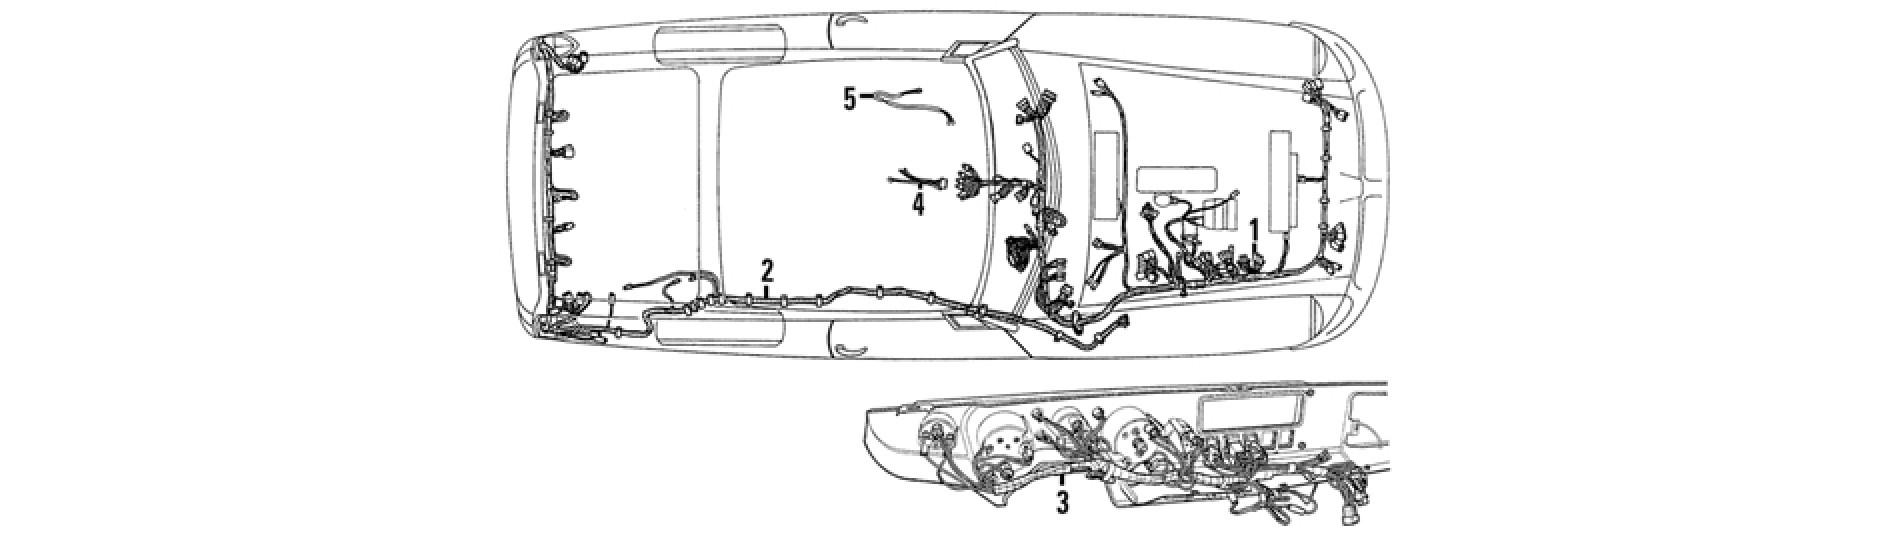 wiring harness - mgb & mgb gt (1962-80)  moss europe